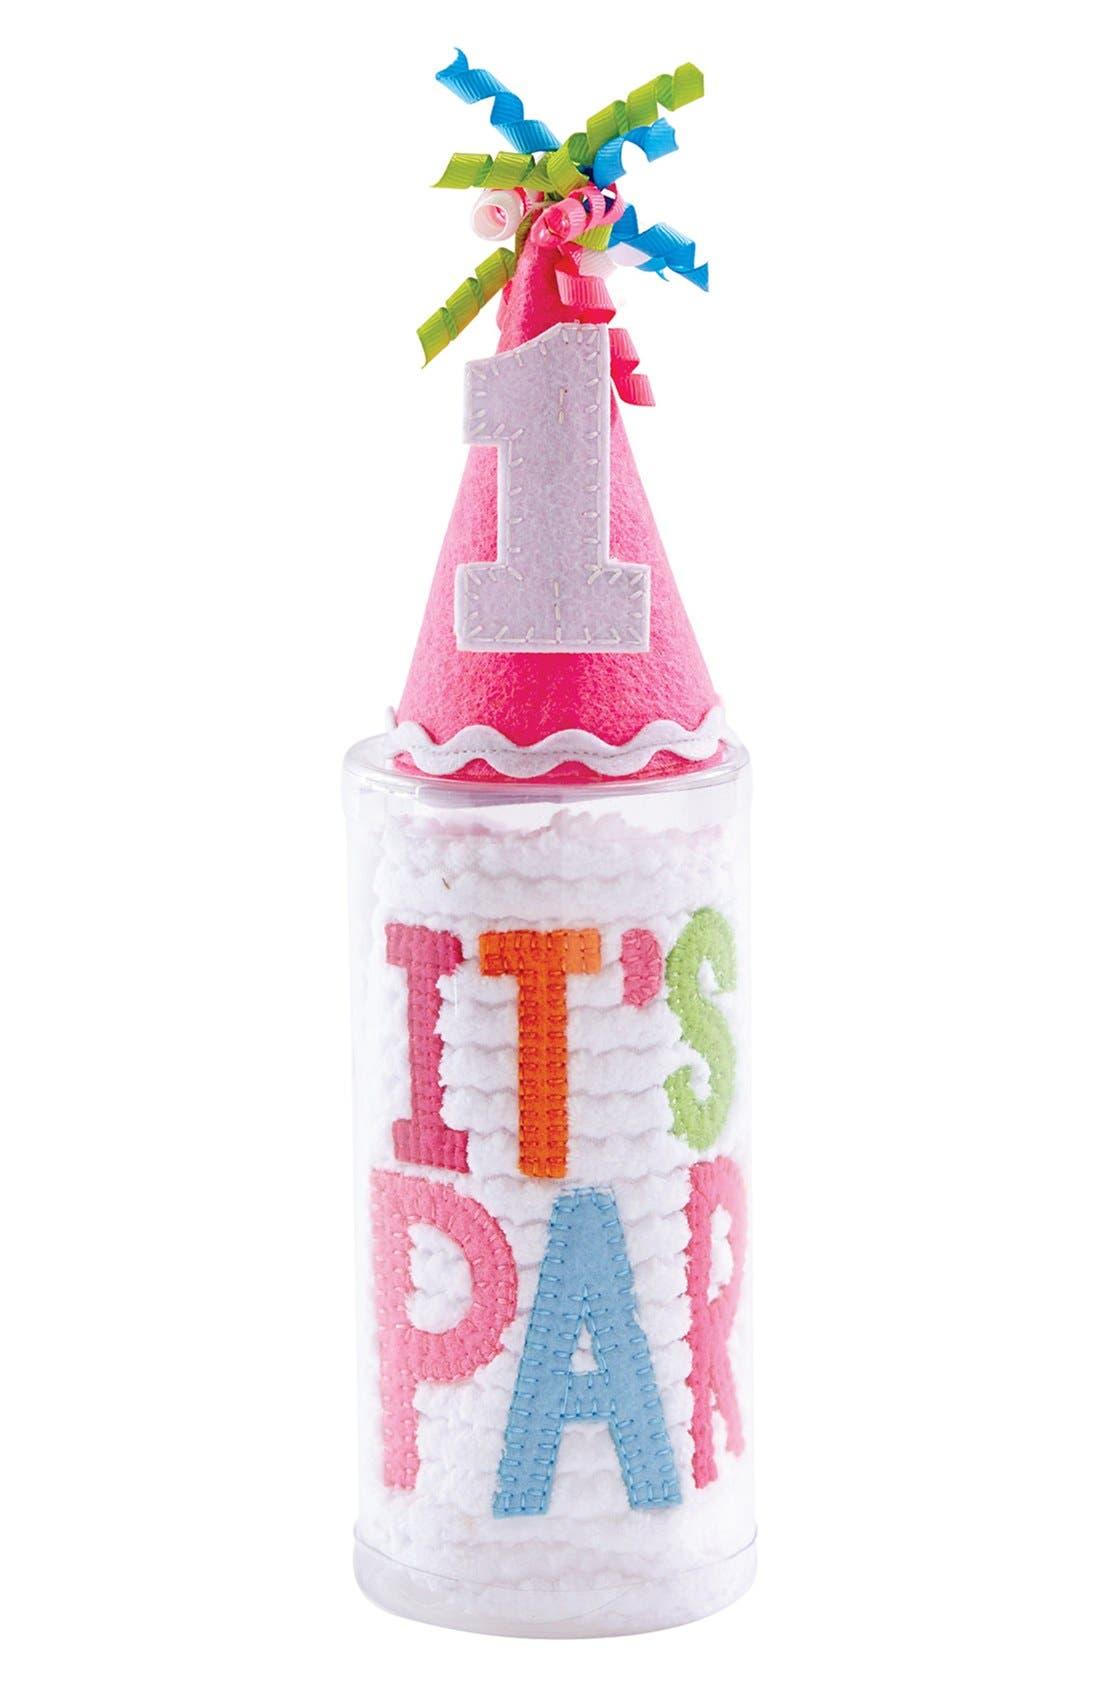 MUD PIE Cake Smashing Bib & Party Hat